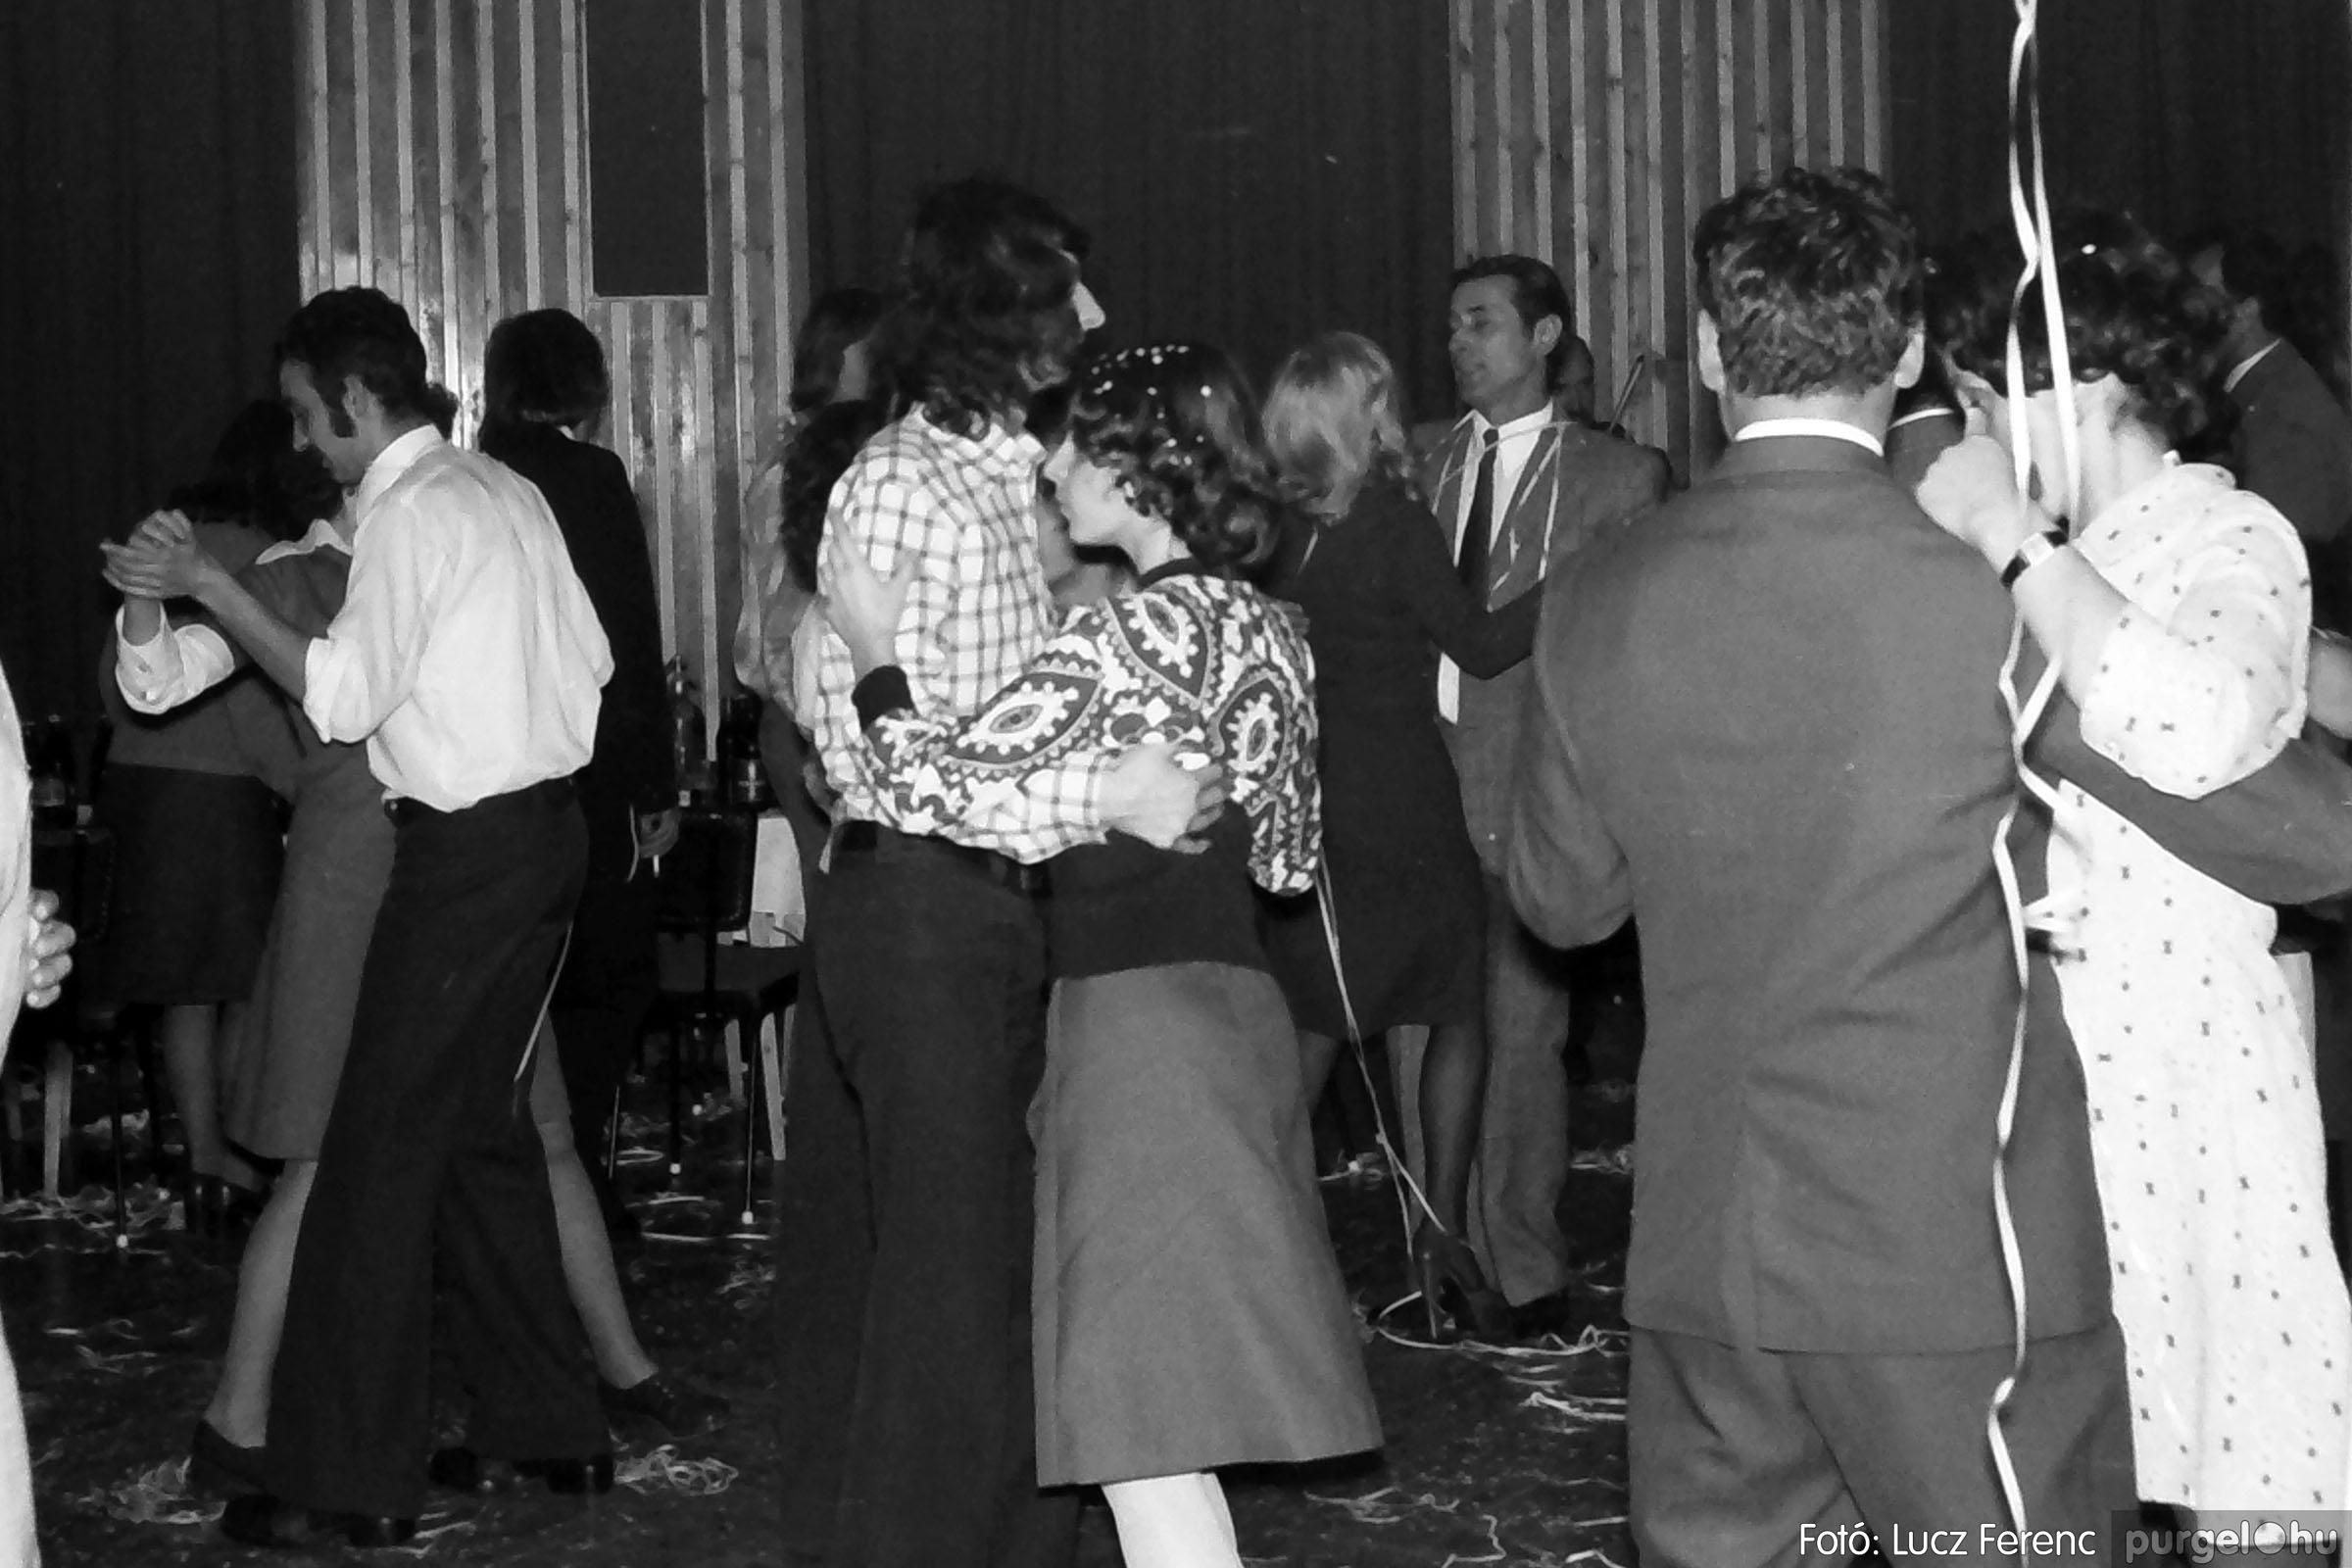 030. 1975.12.31. Szilveszter a kultúrházban 014 - Fotó: Lucz Ferenc.jpg